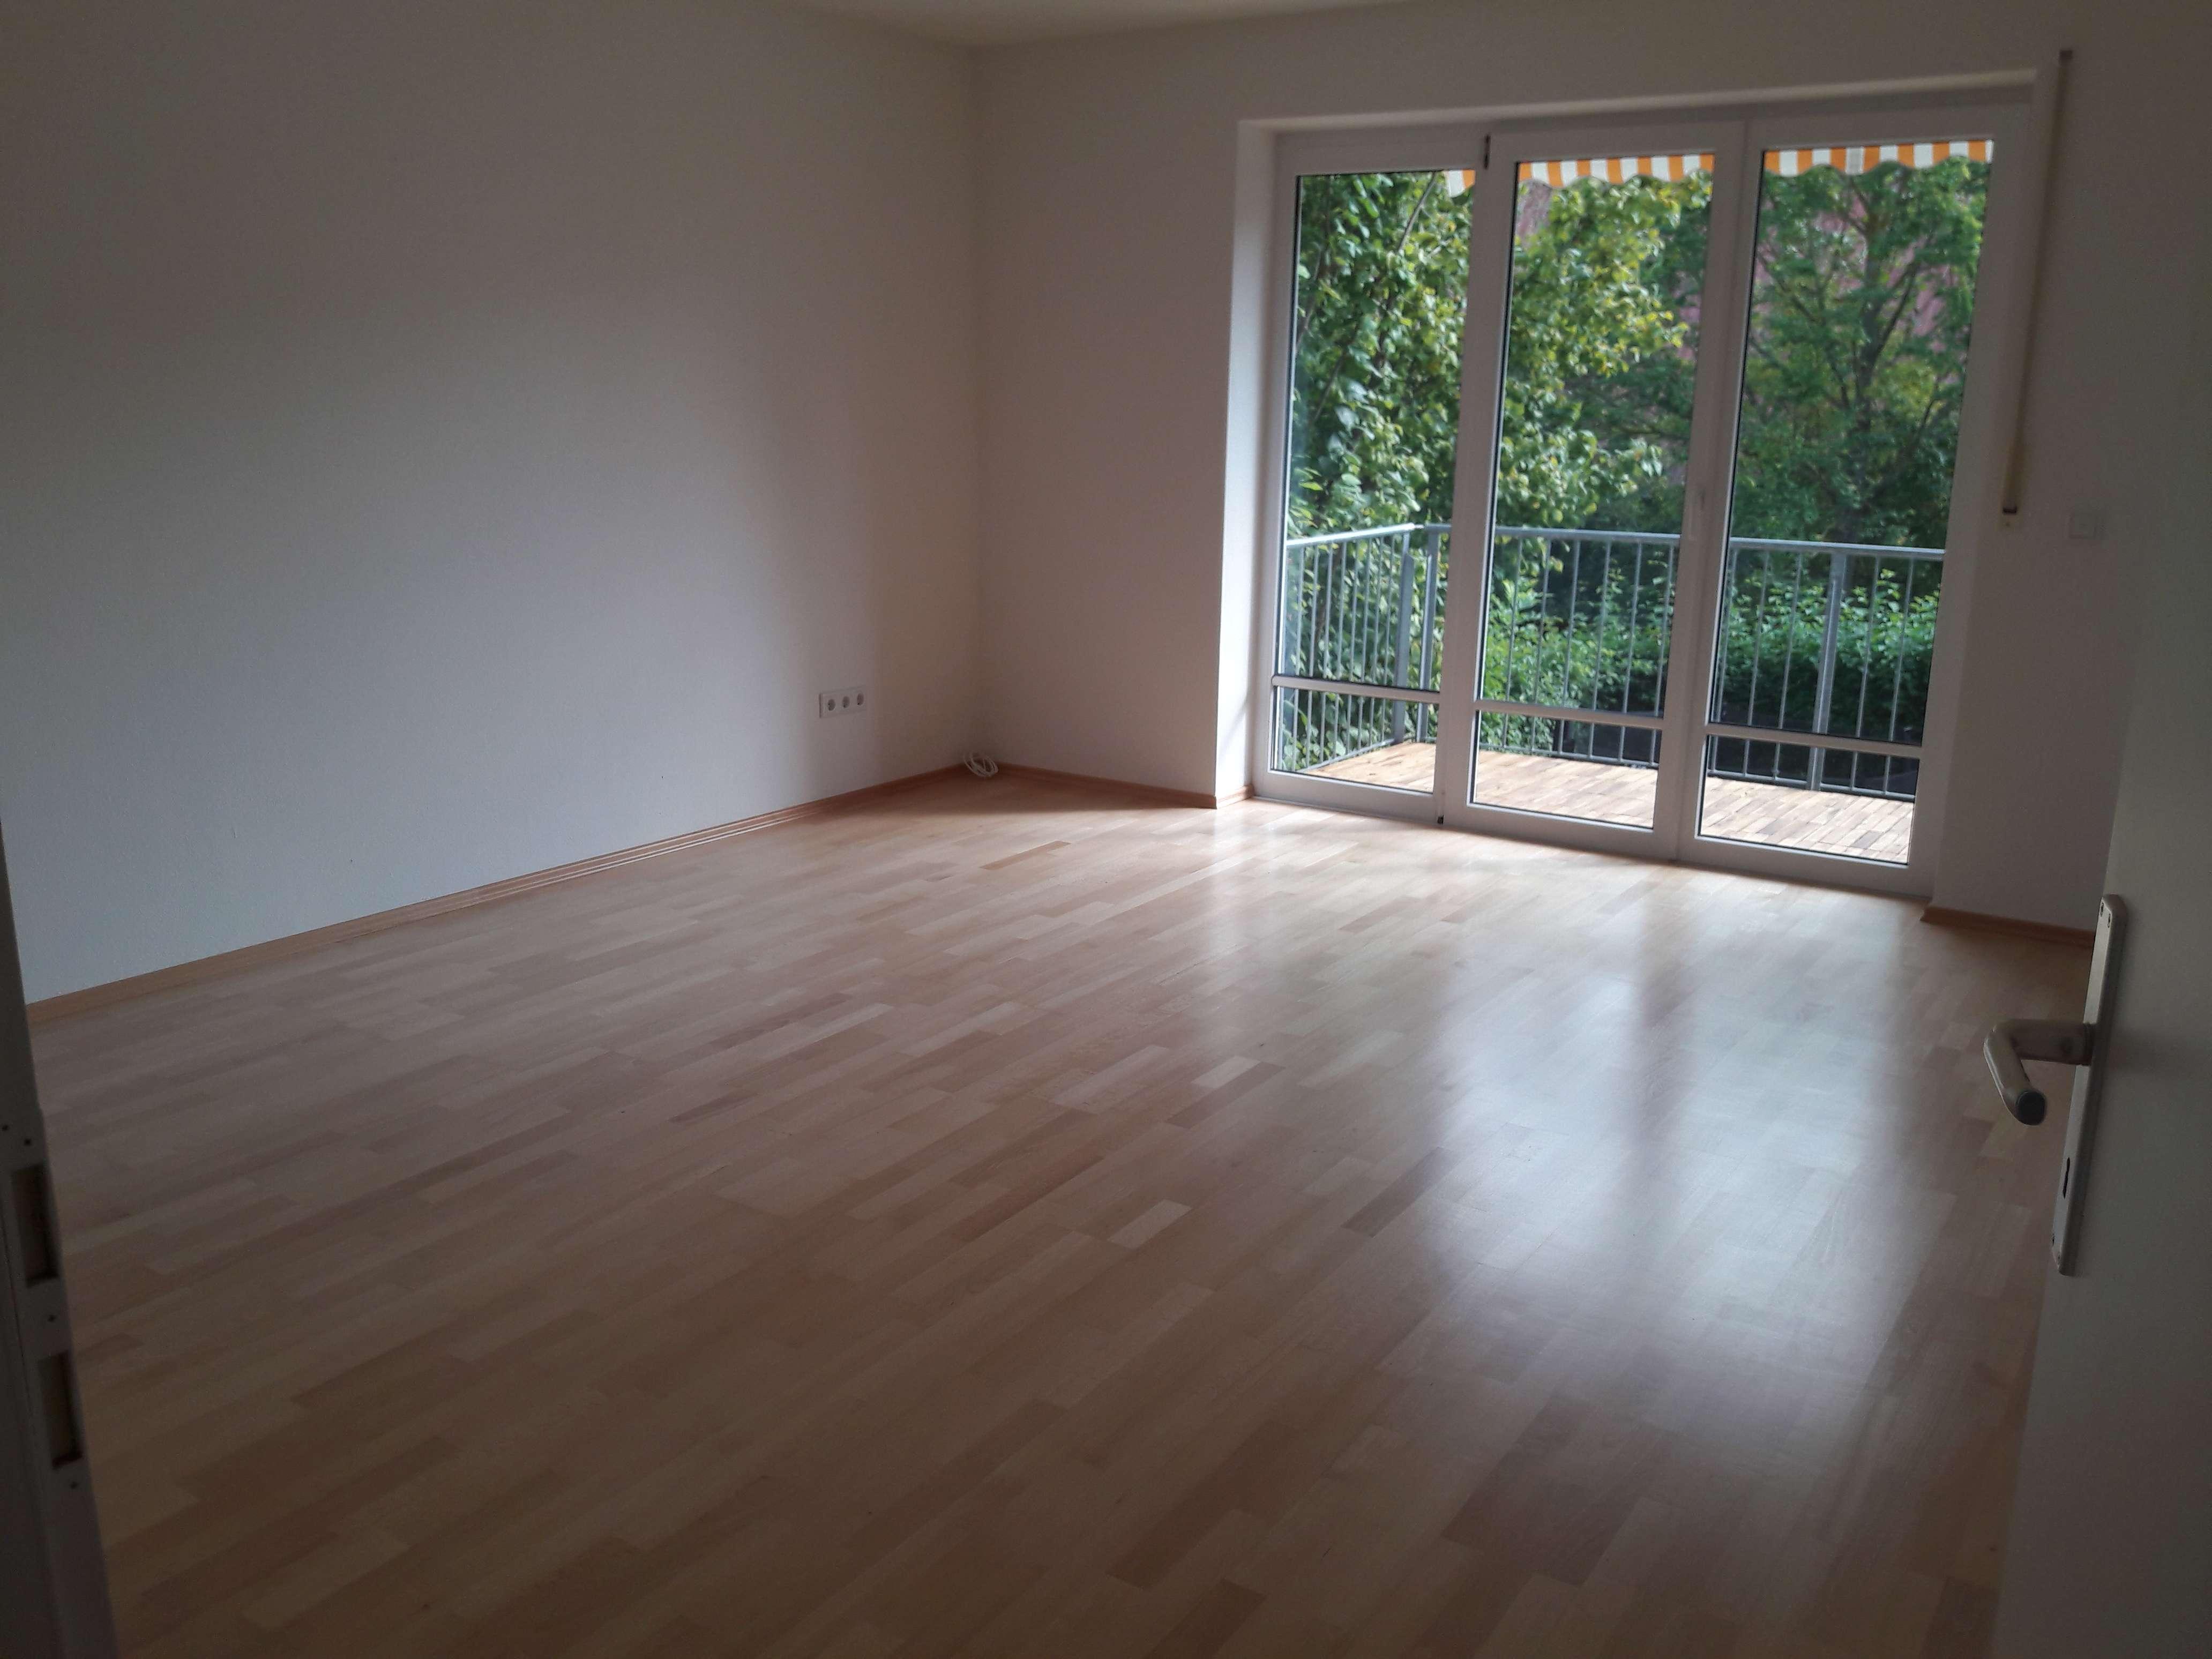 Freundliche 3-Zimmer-Wohnung mit Balkon und EBK in Ingolstadt in Friedrichshofen (Ingolstadt)